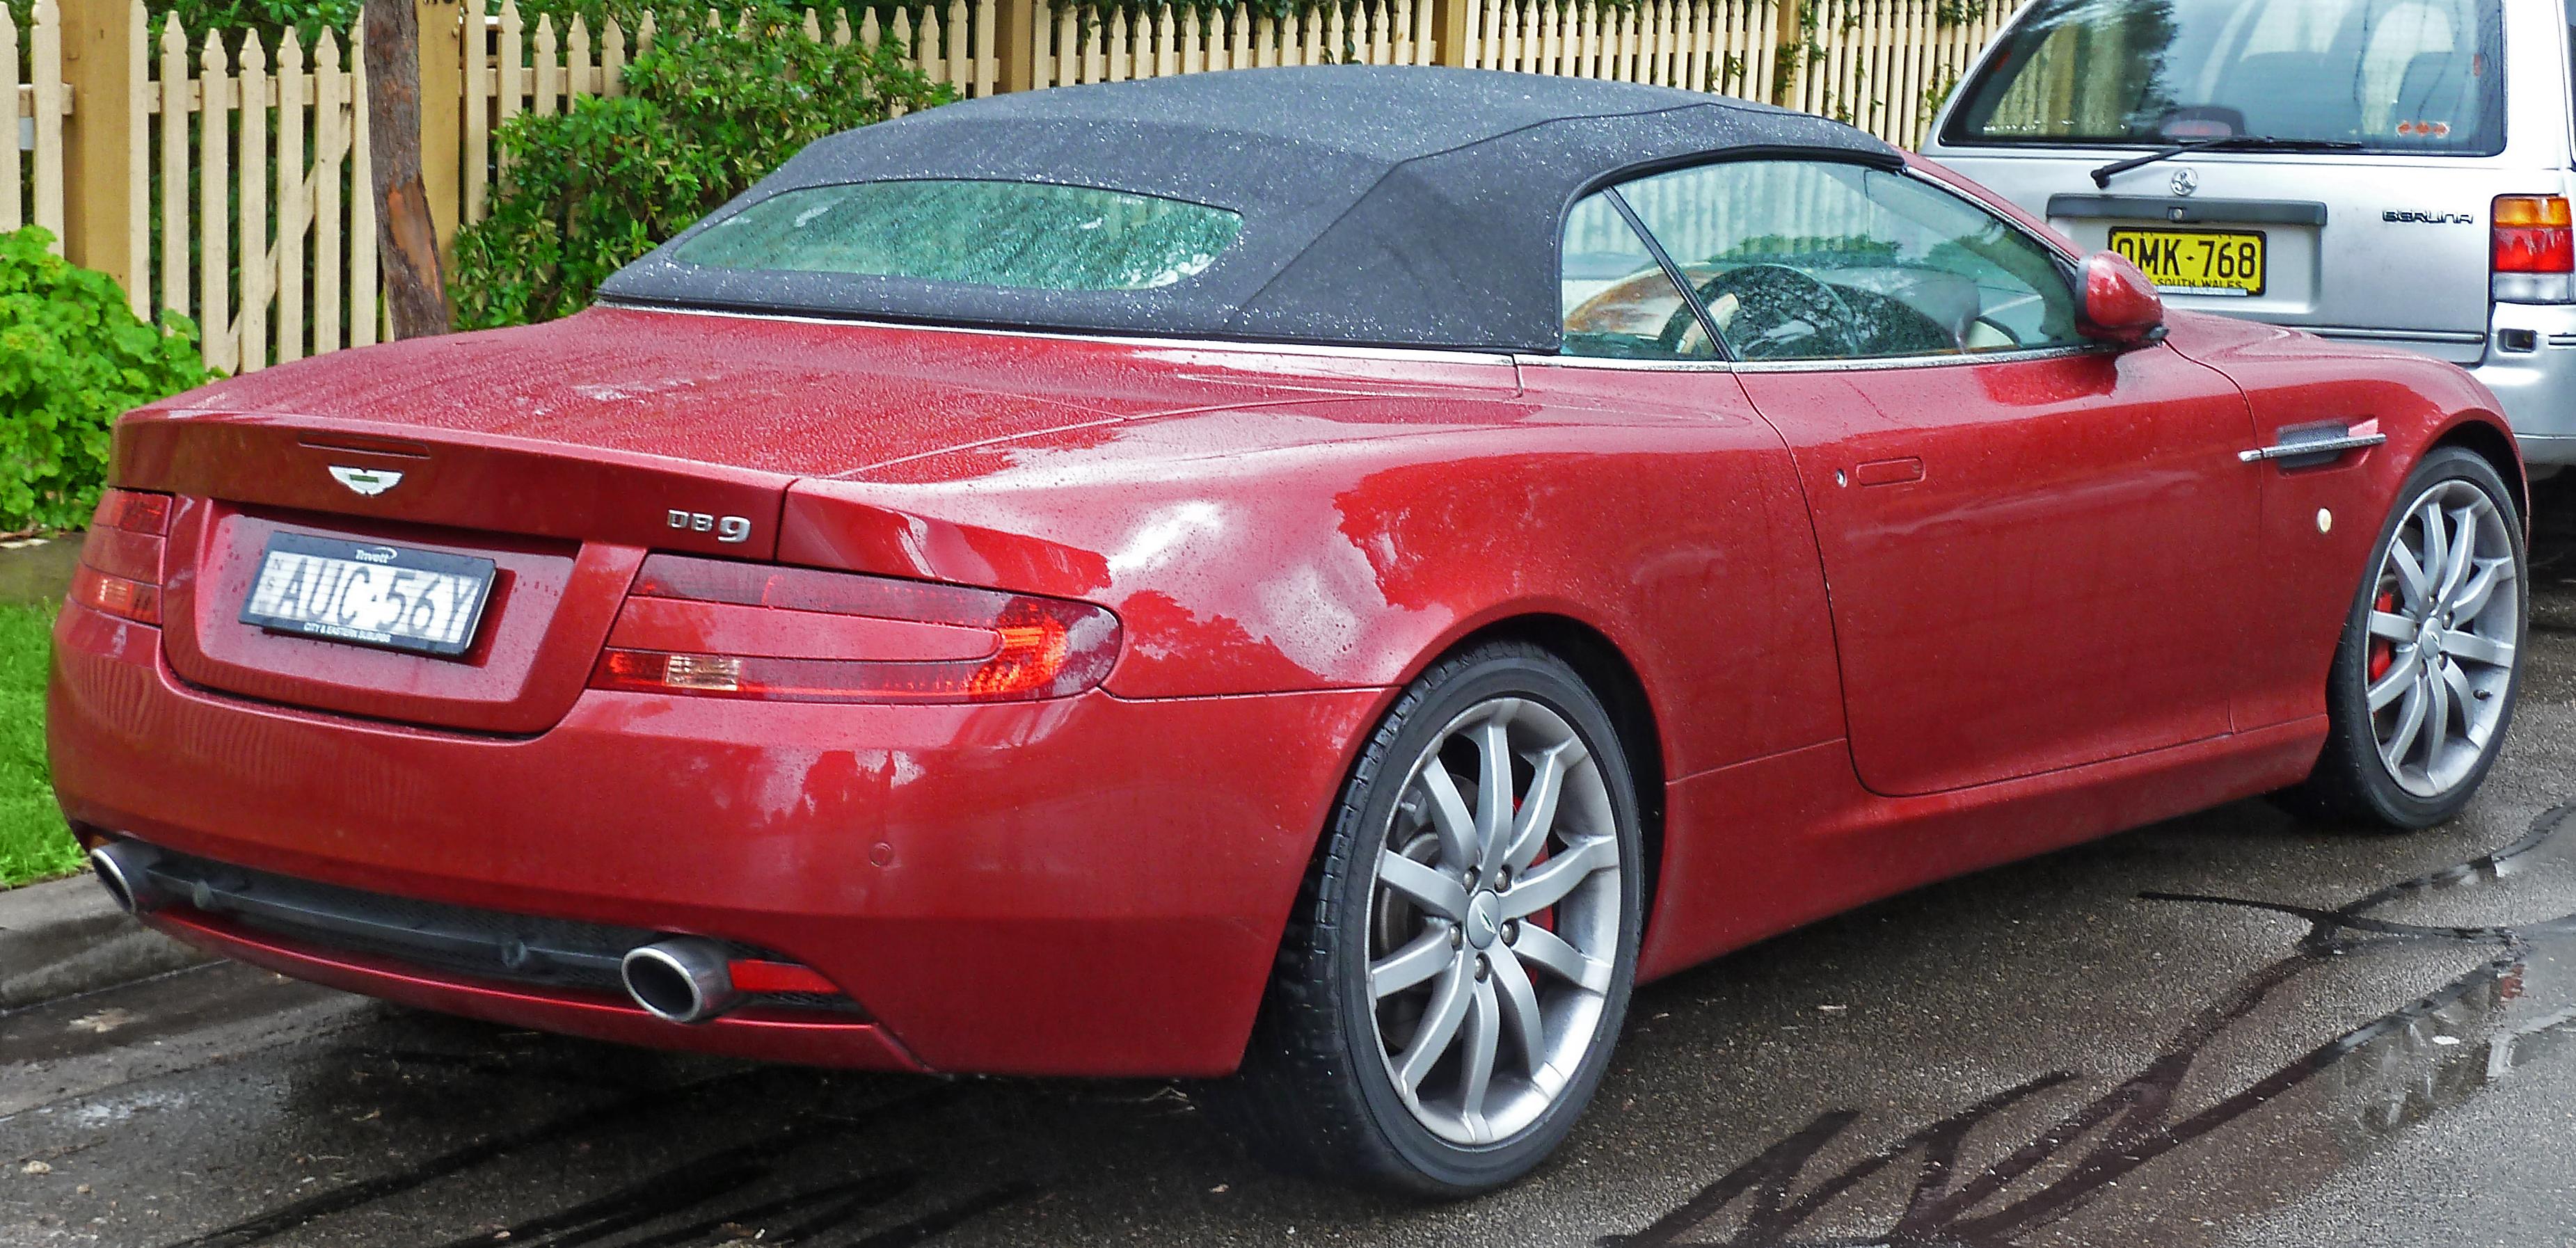 File 2005 2008 Aston Martin Db9 Volante Convertible 2011 07 17 04 Jpg Wikimedia Commons